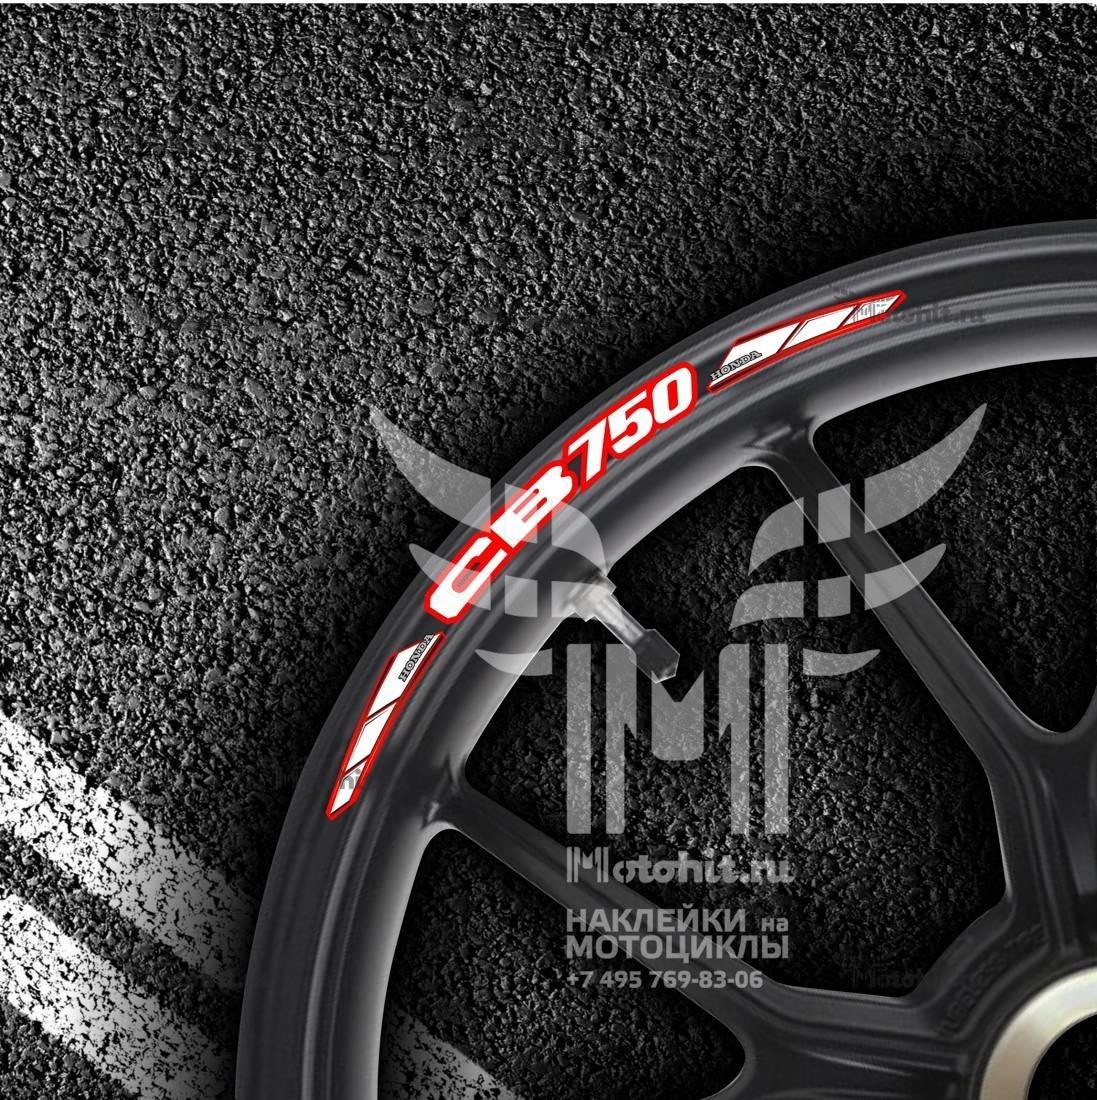 Комплект наклеек на обод колеса мотоцикла HONDA CB-750